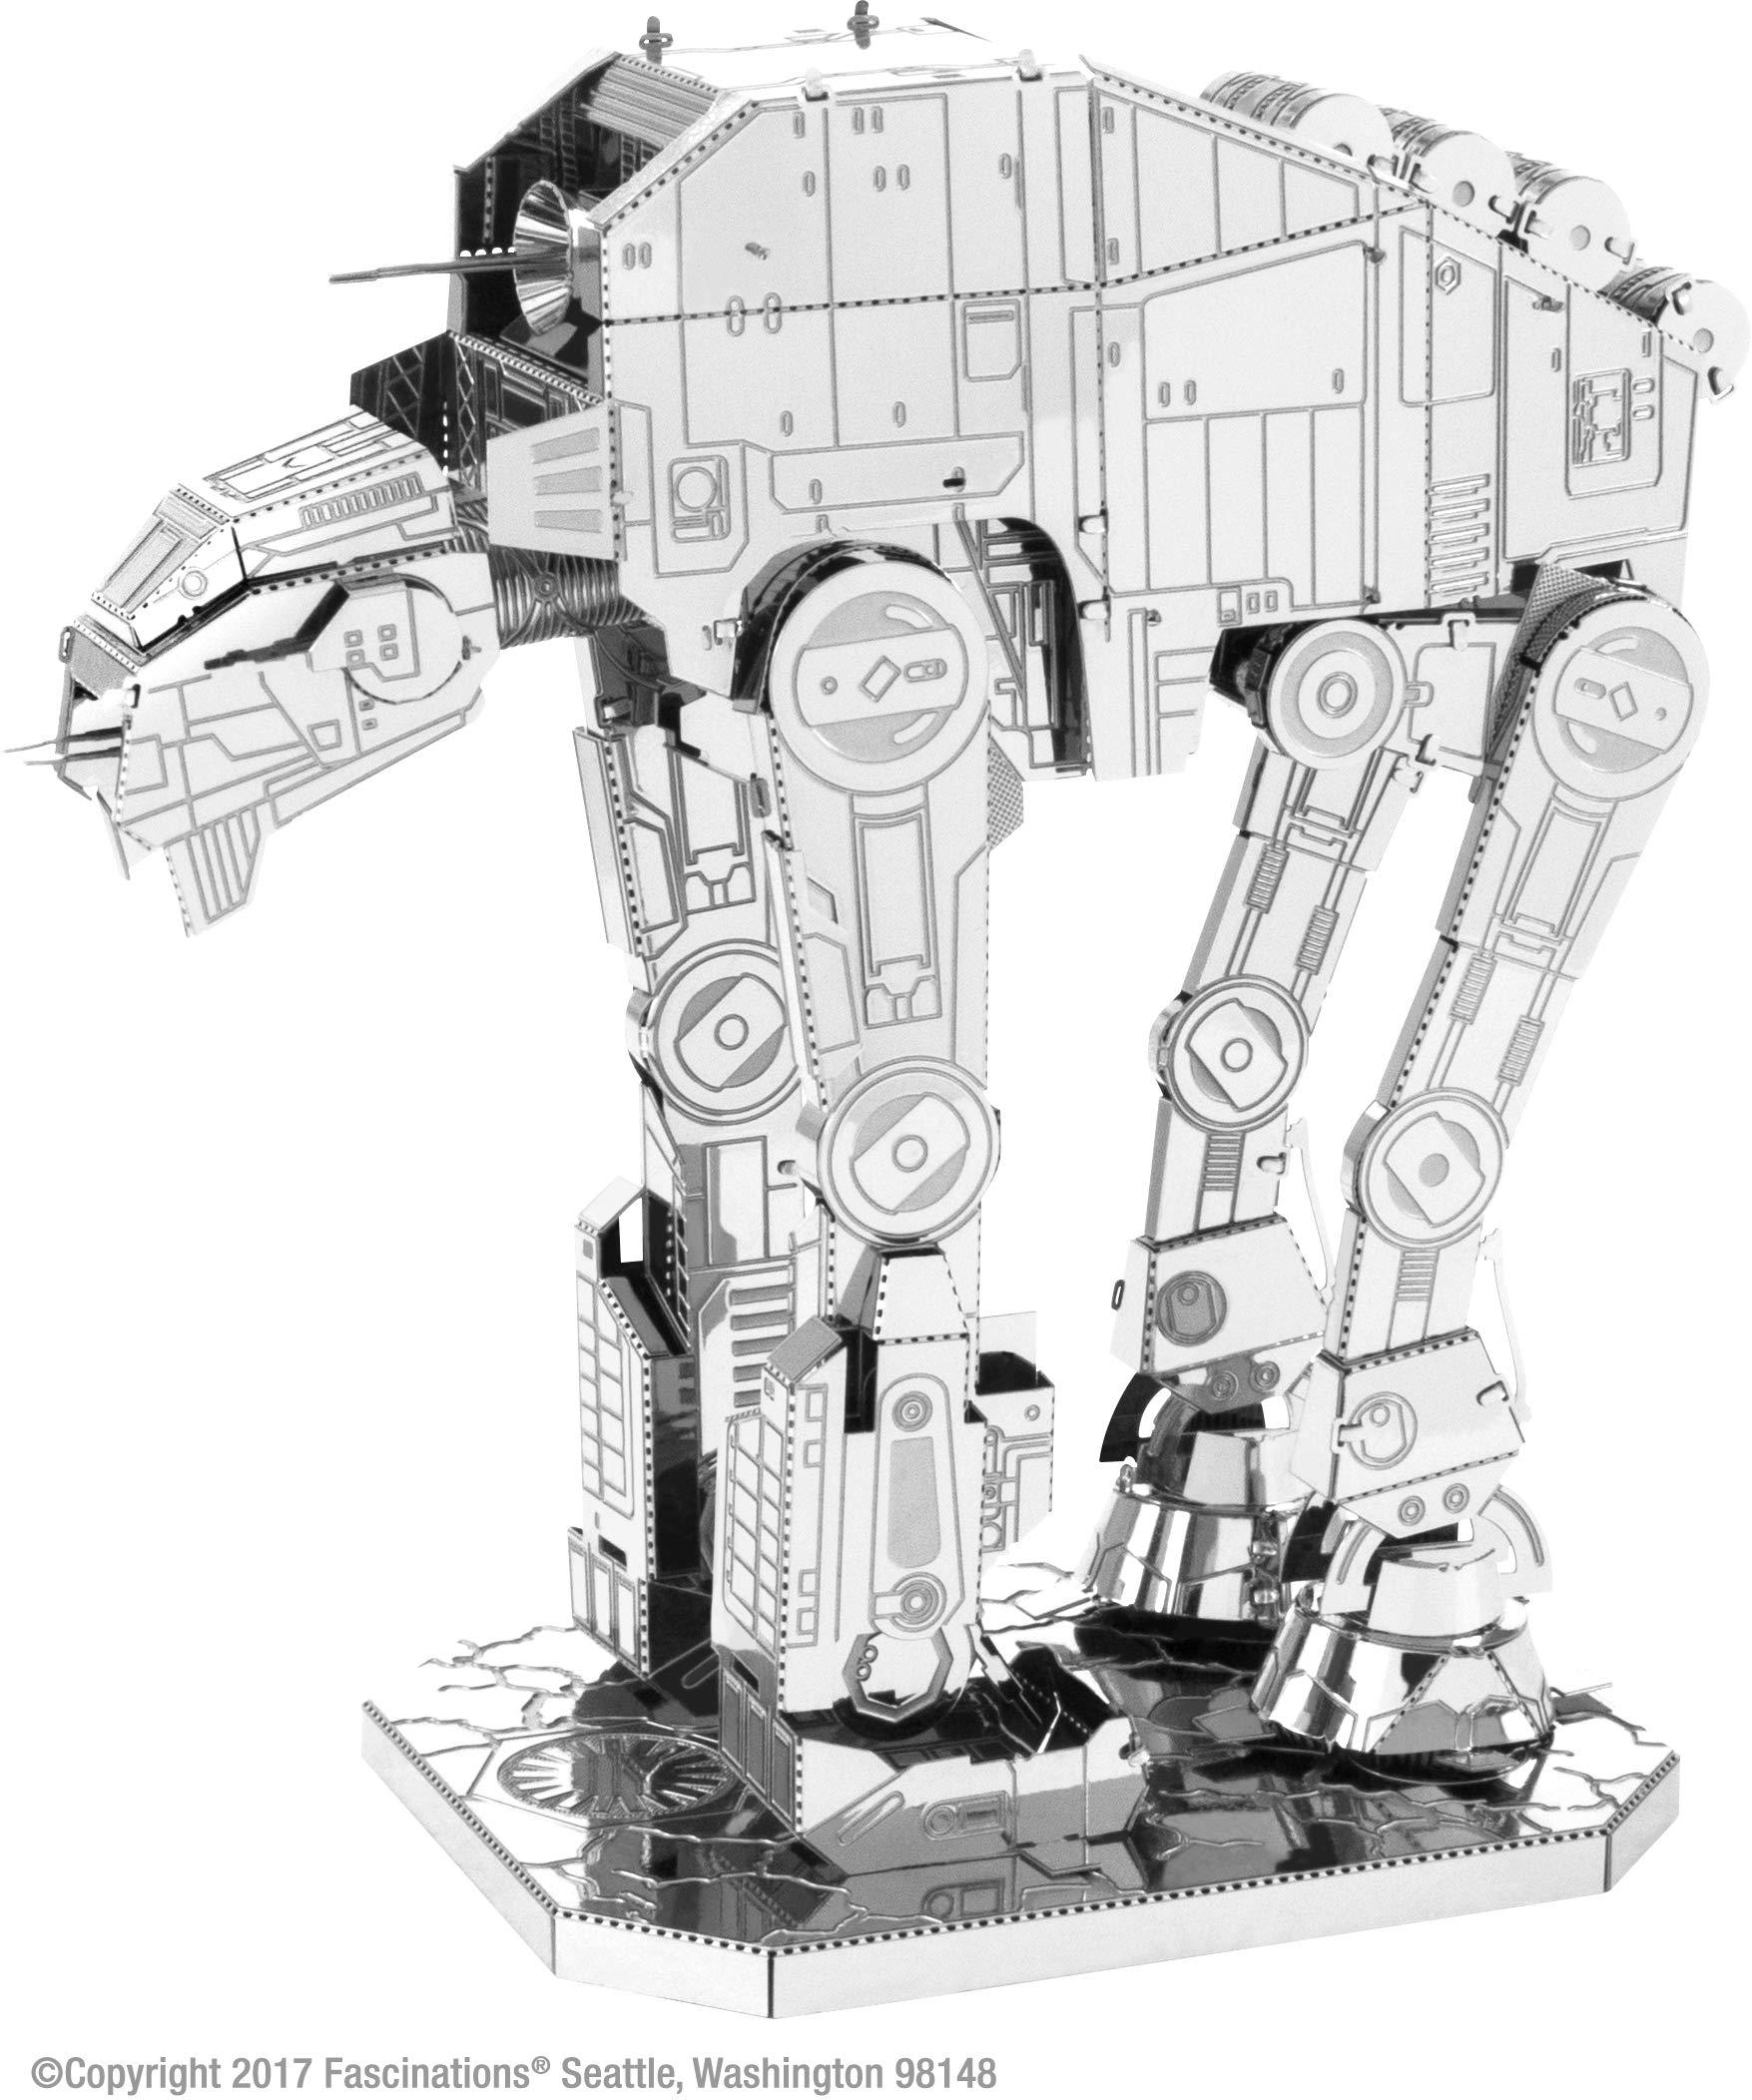 Fascinations Metal Earth Star Wars The Last Jedi at-M6 Heavy Assault Walker 3D Metal Model Kit